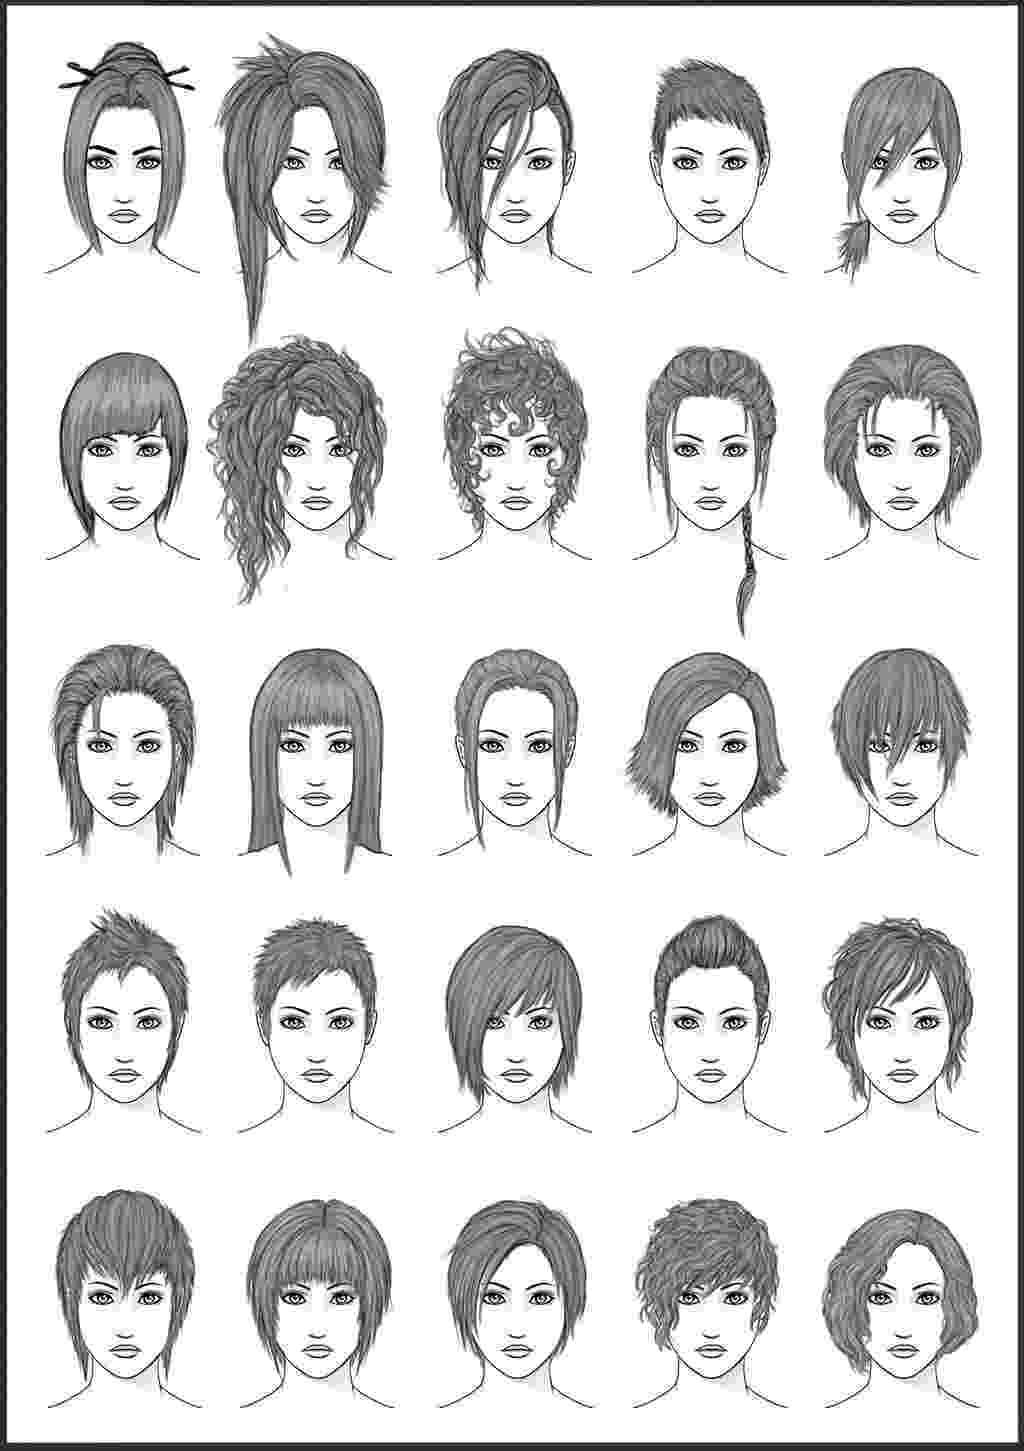 colouring ideas for short hair spiky hair anime guy coloring pages for ideas colouring hair short